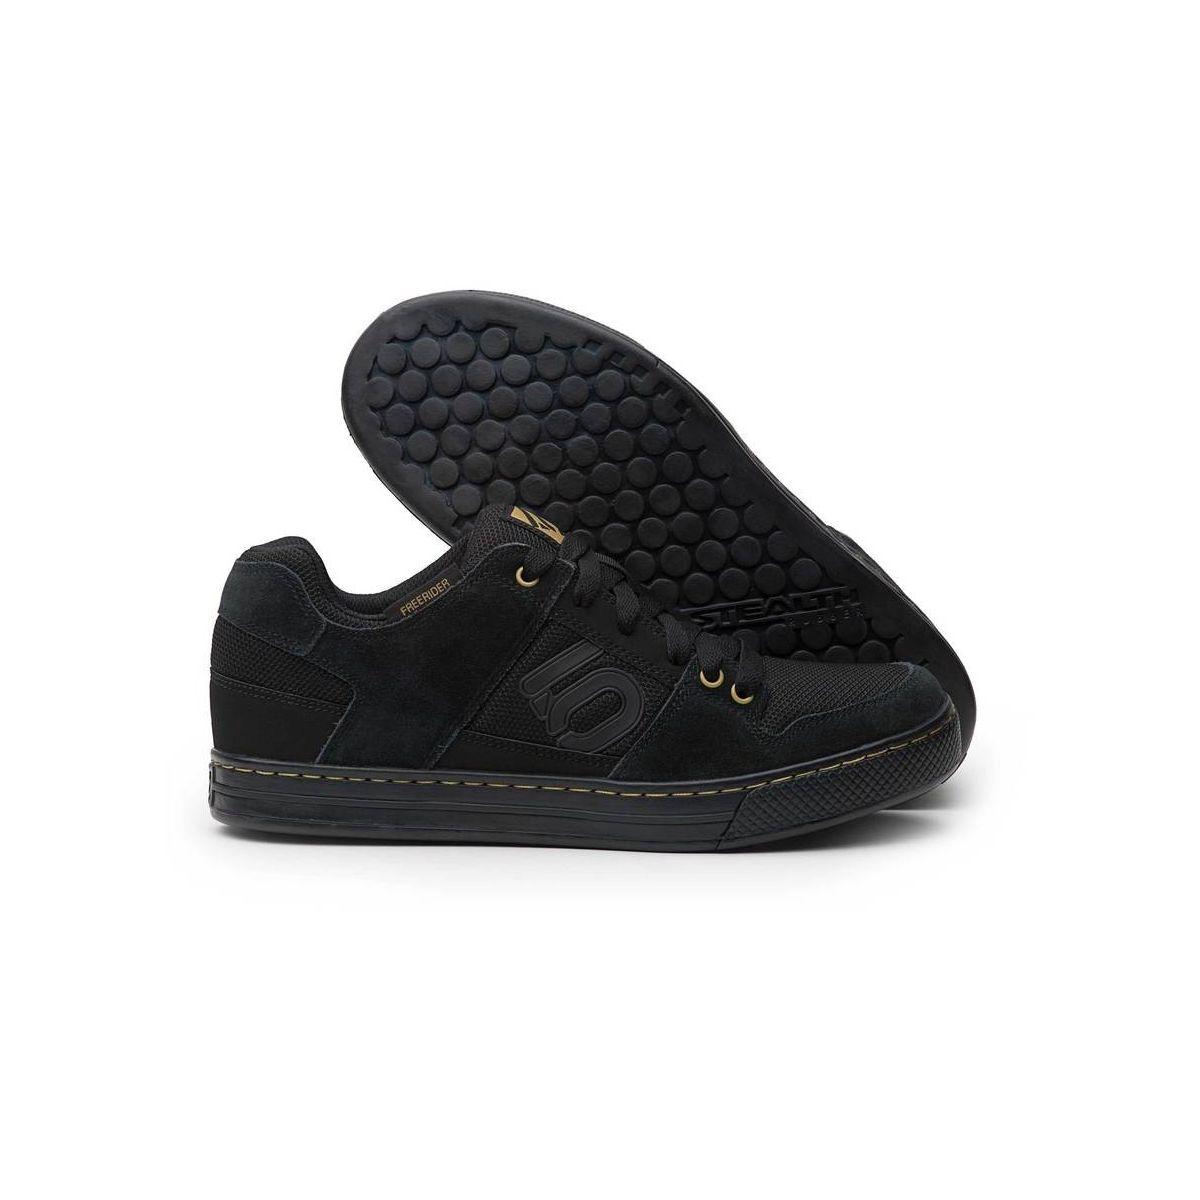 seleccione original en pies tiros de diseño de calidad Zapatillas Five Ten Freerider Black/KhakI 2018